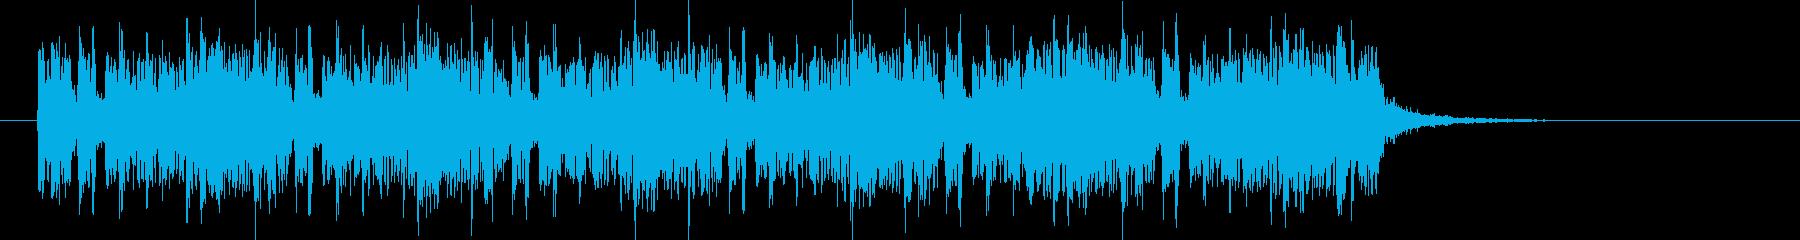 ユニークであり木琴が印象的なBGMの再生済みの波形